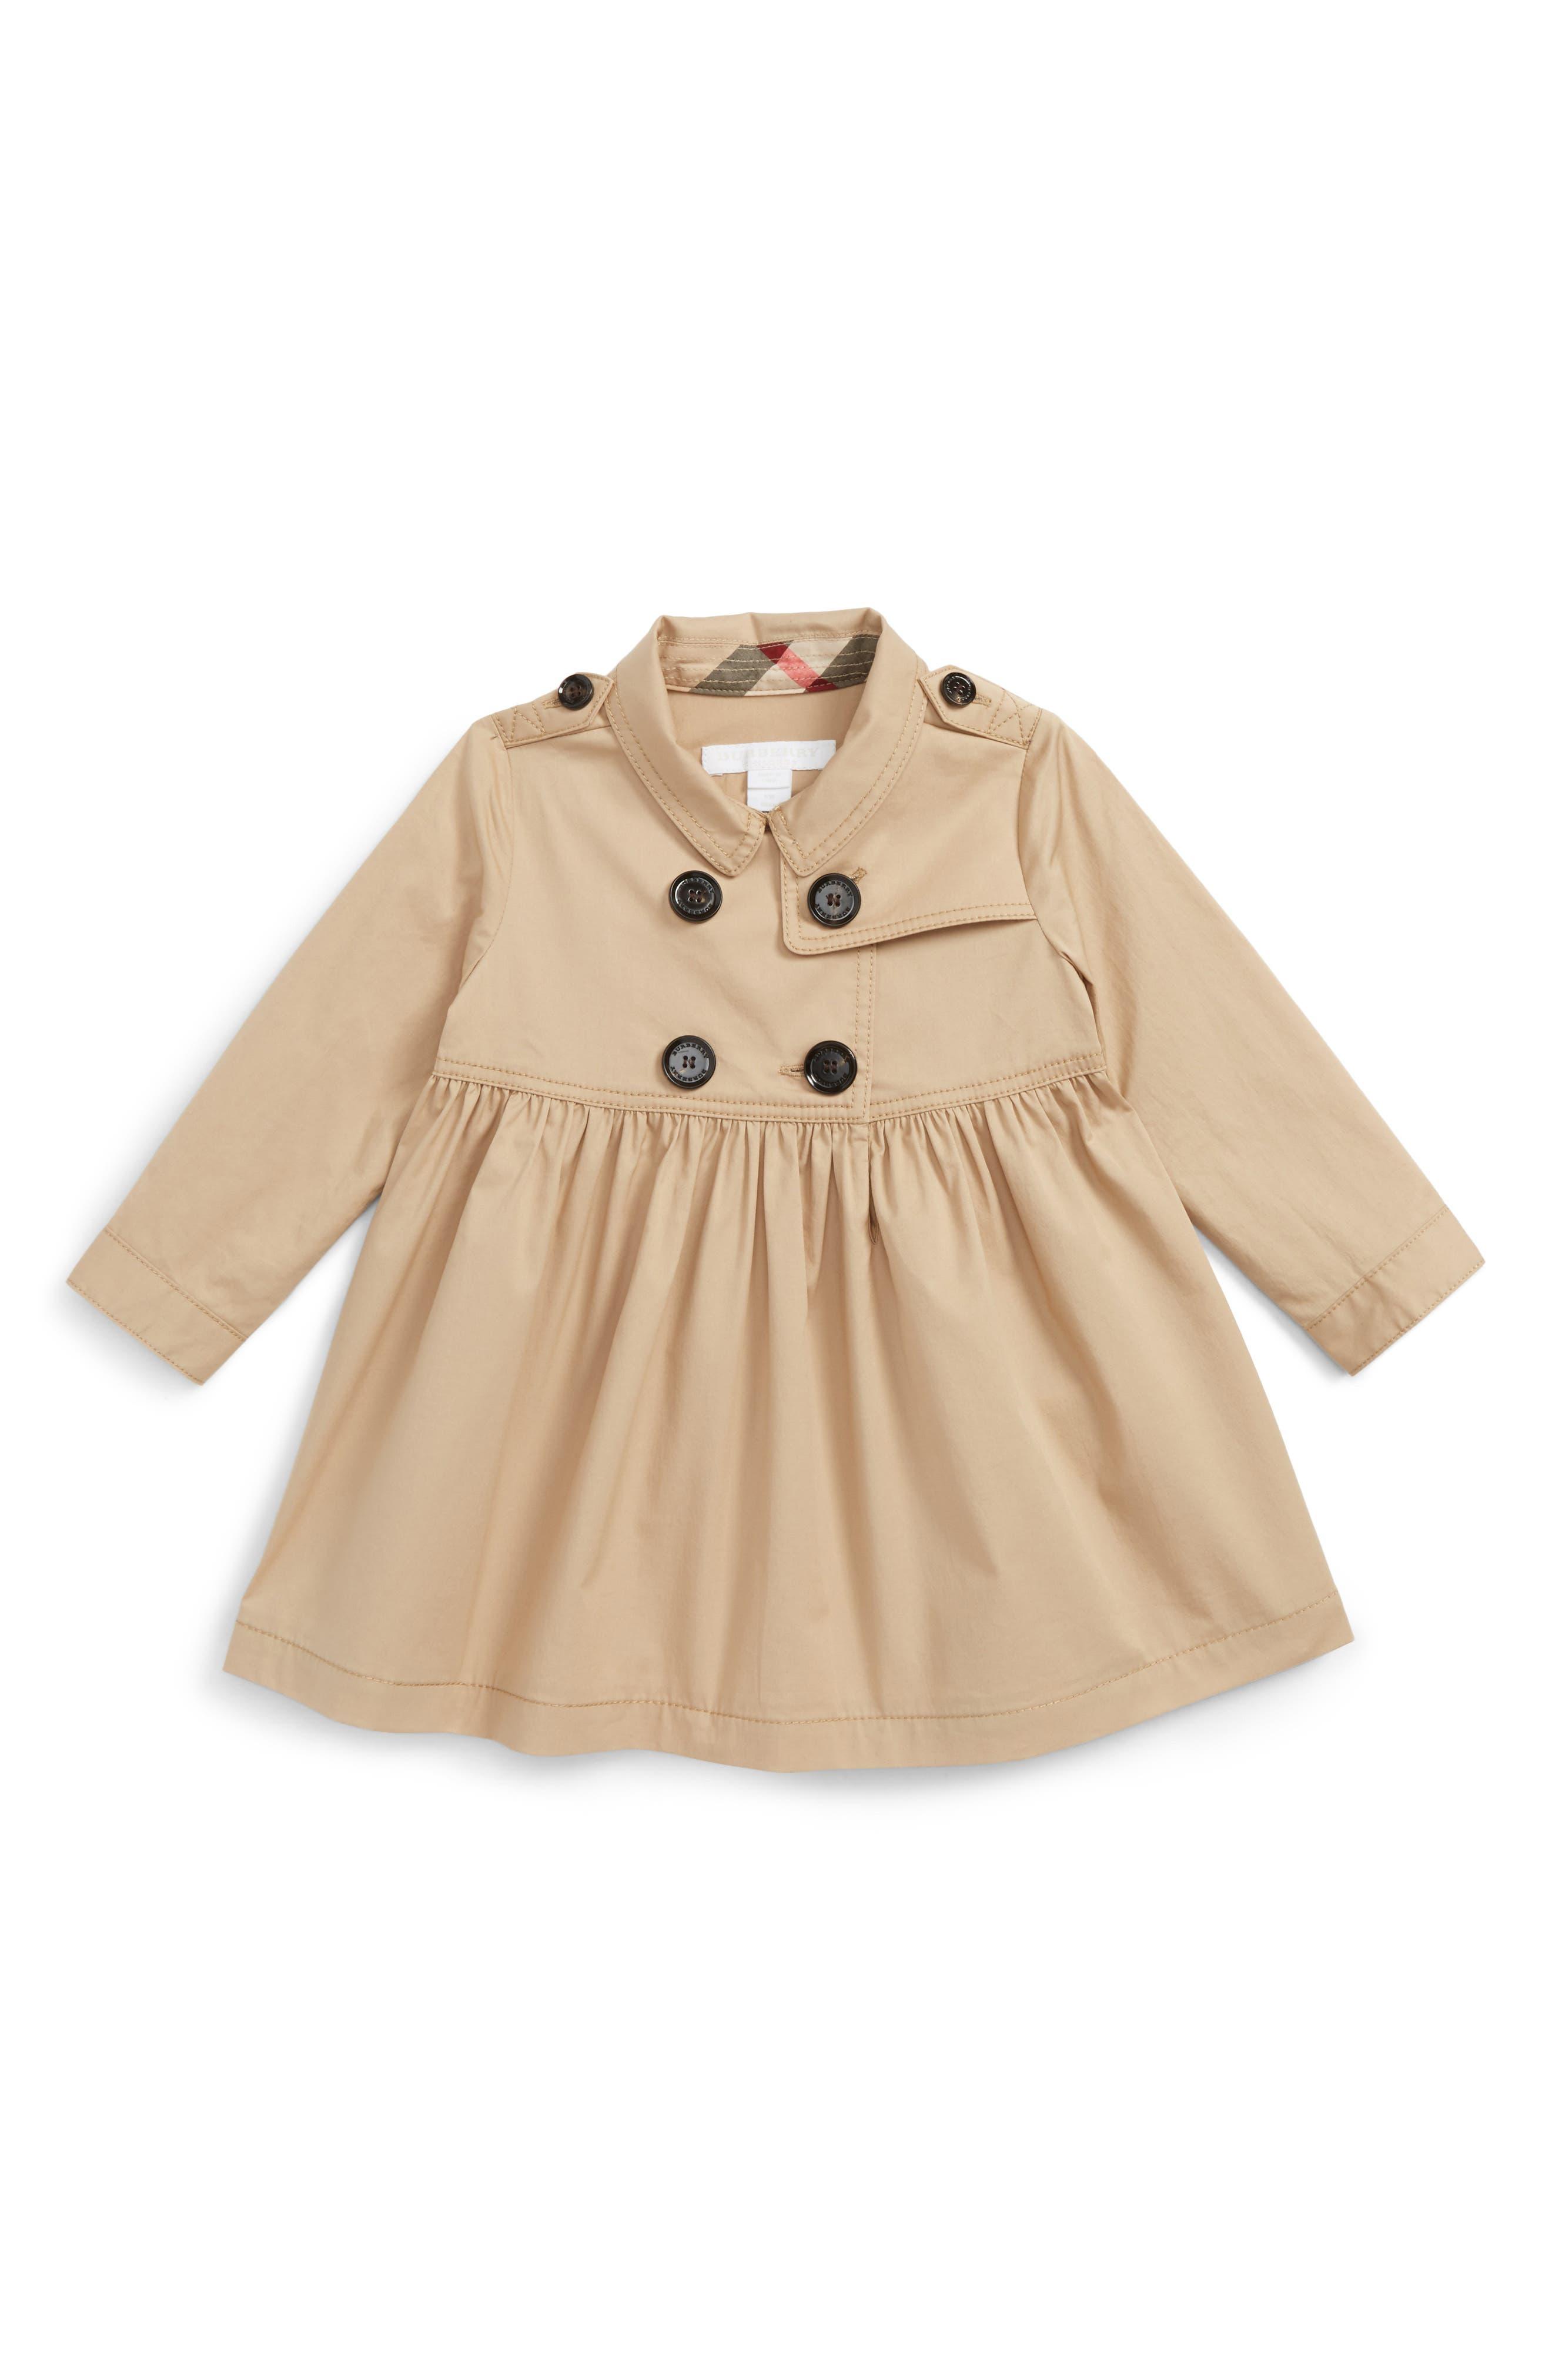 Lillybeth Dress,                         Main,                         color, Honey